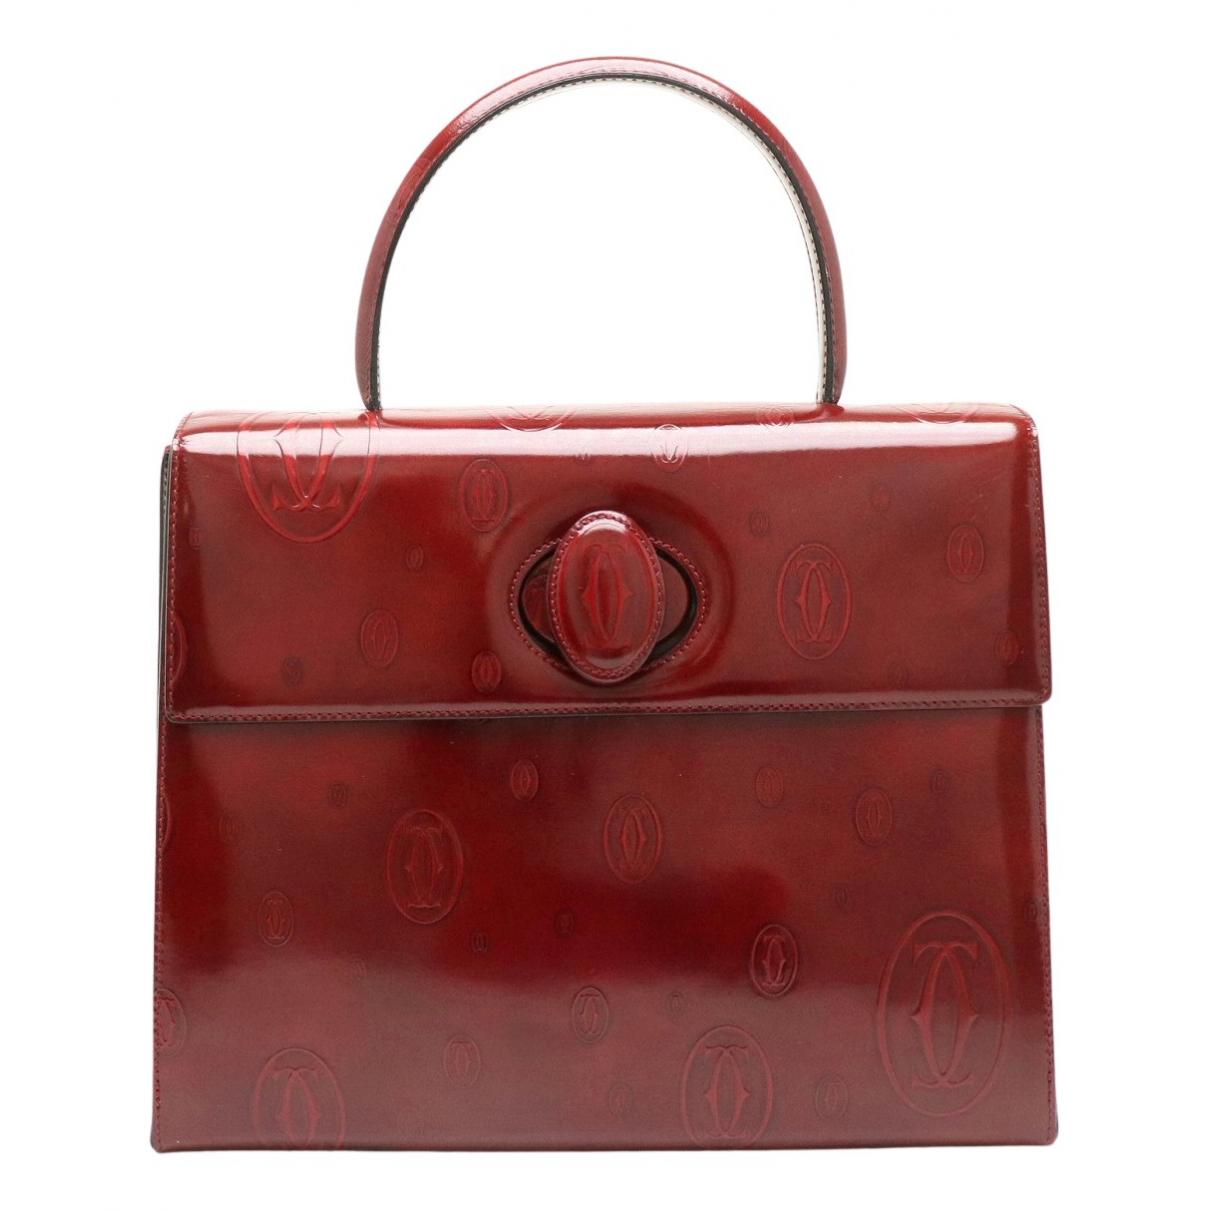 Cartier \N Handtasche in  Bordeauxrot Lackleder